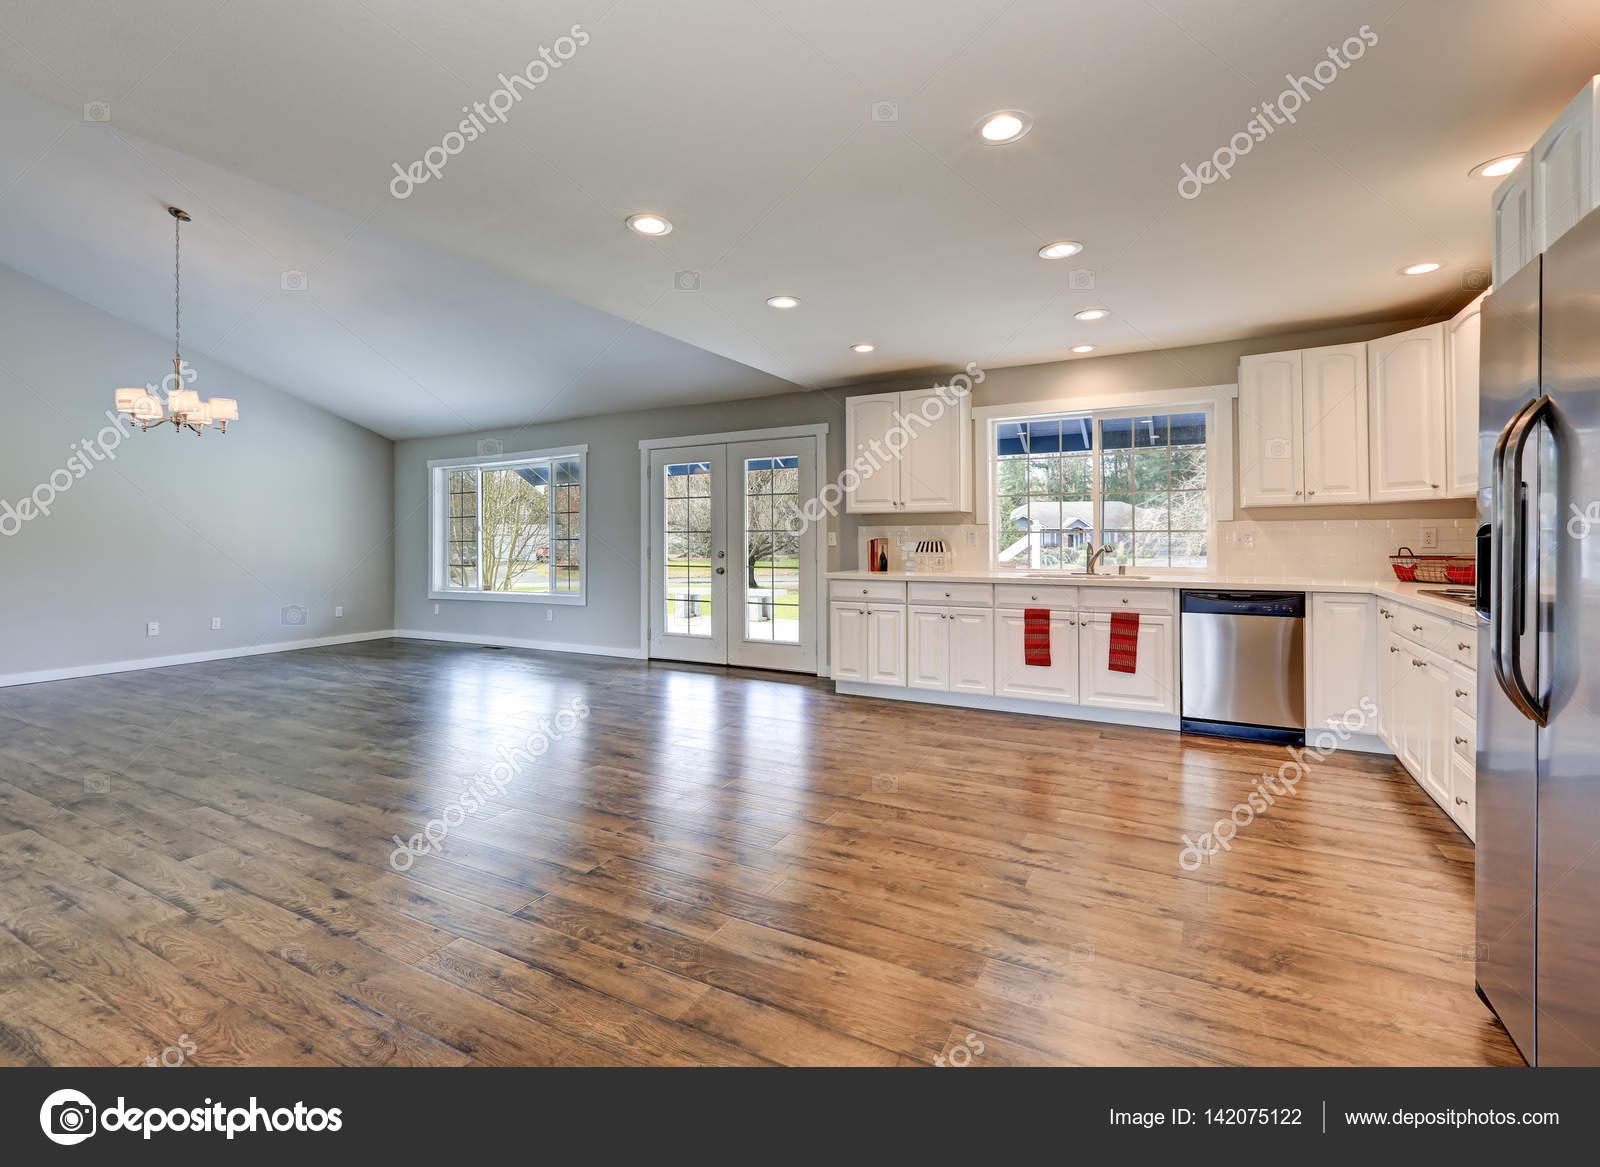 Interior de cocina de rambler amplio con techo abovedado — Foto de ...